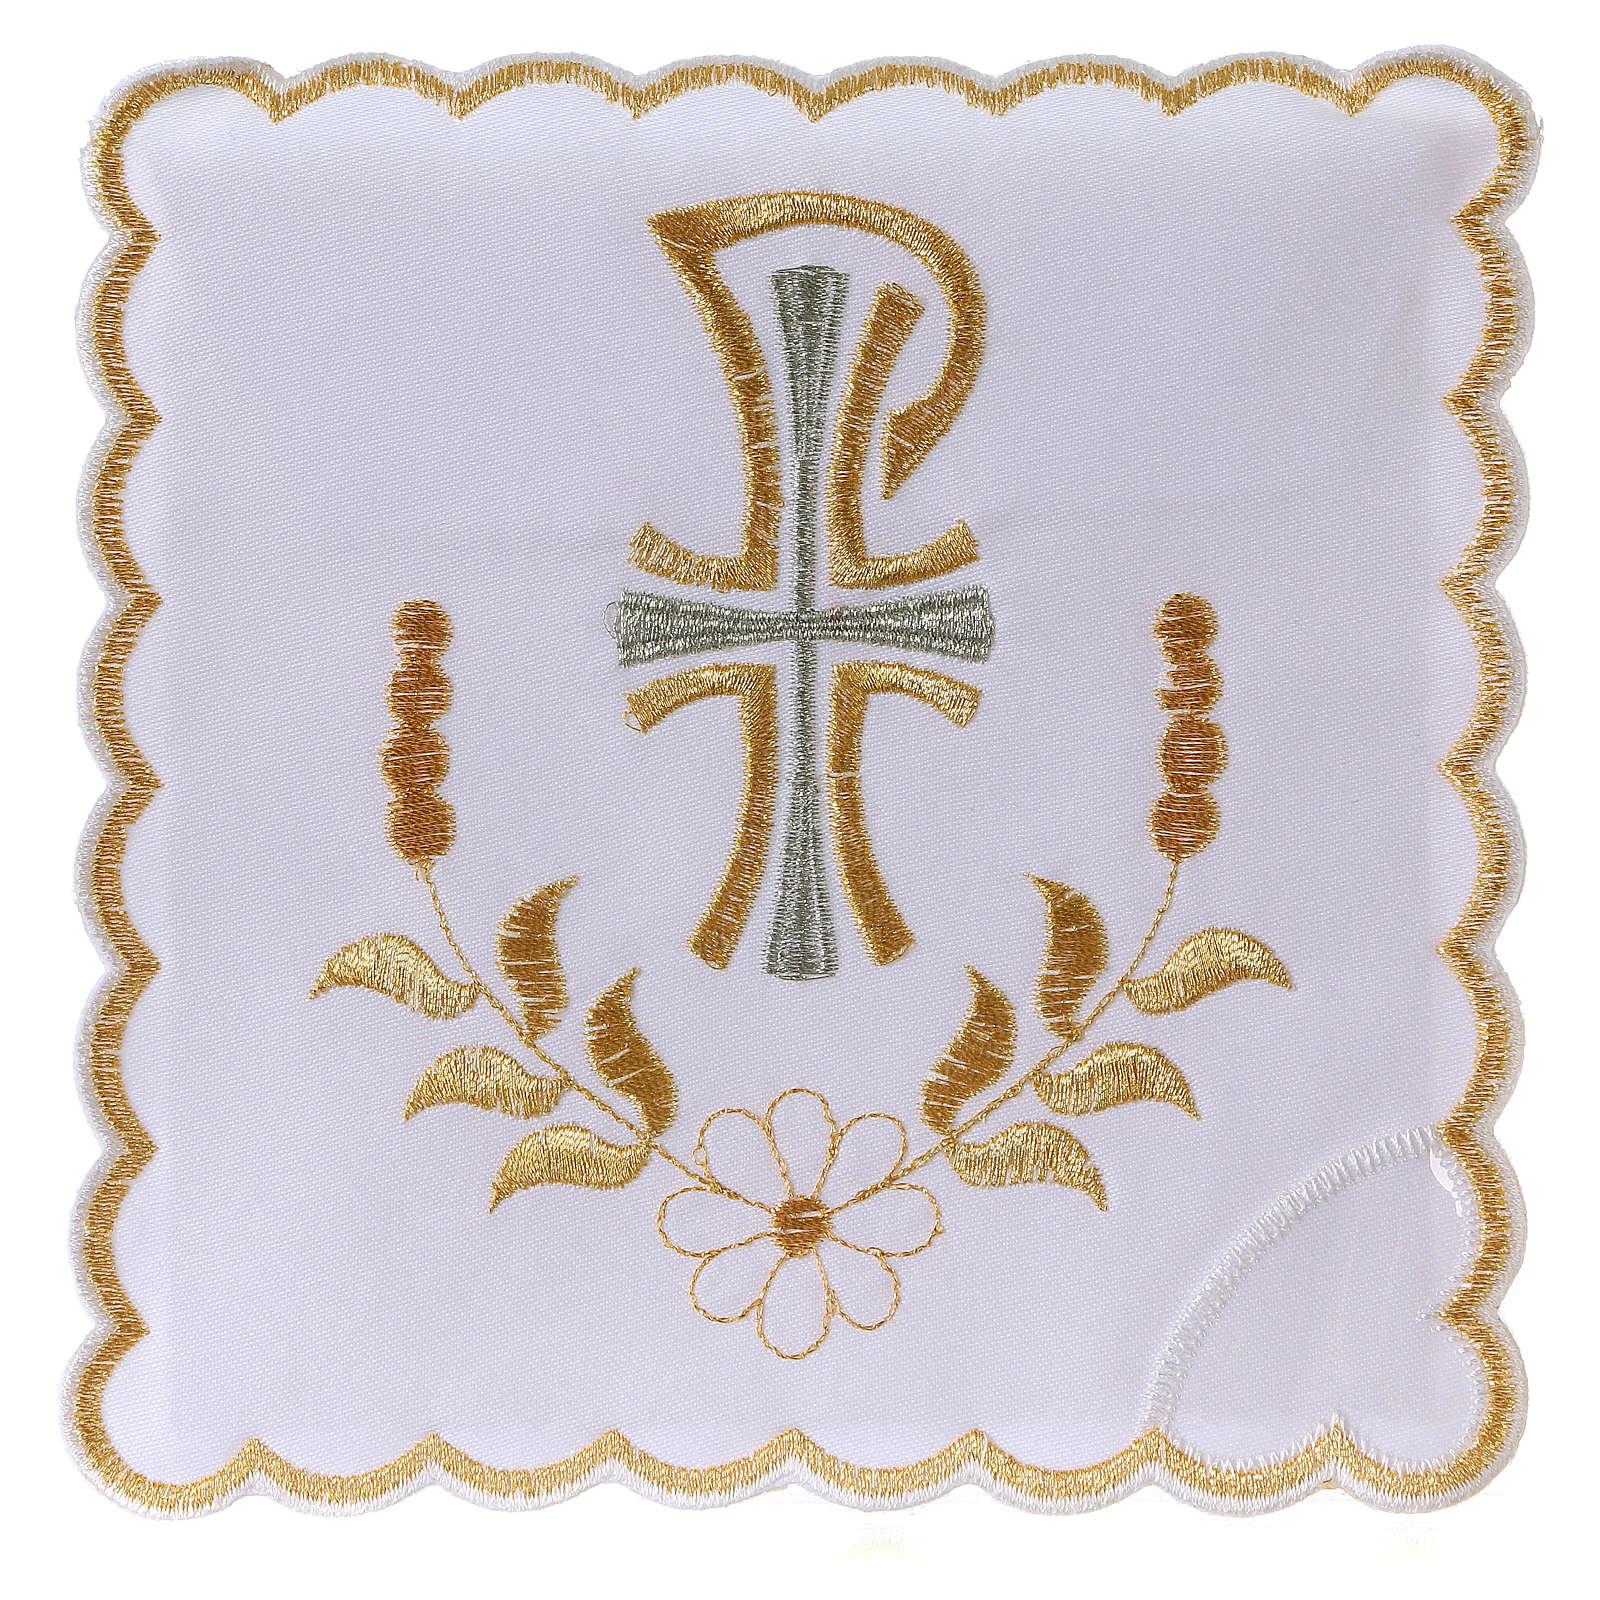 Servizio da altare cotone fiore margherita lettera P con croce 4